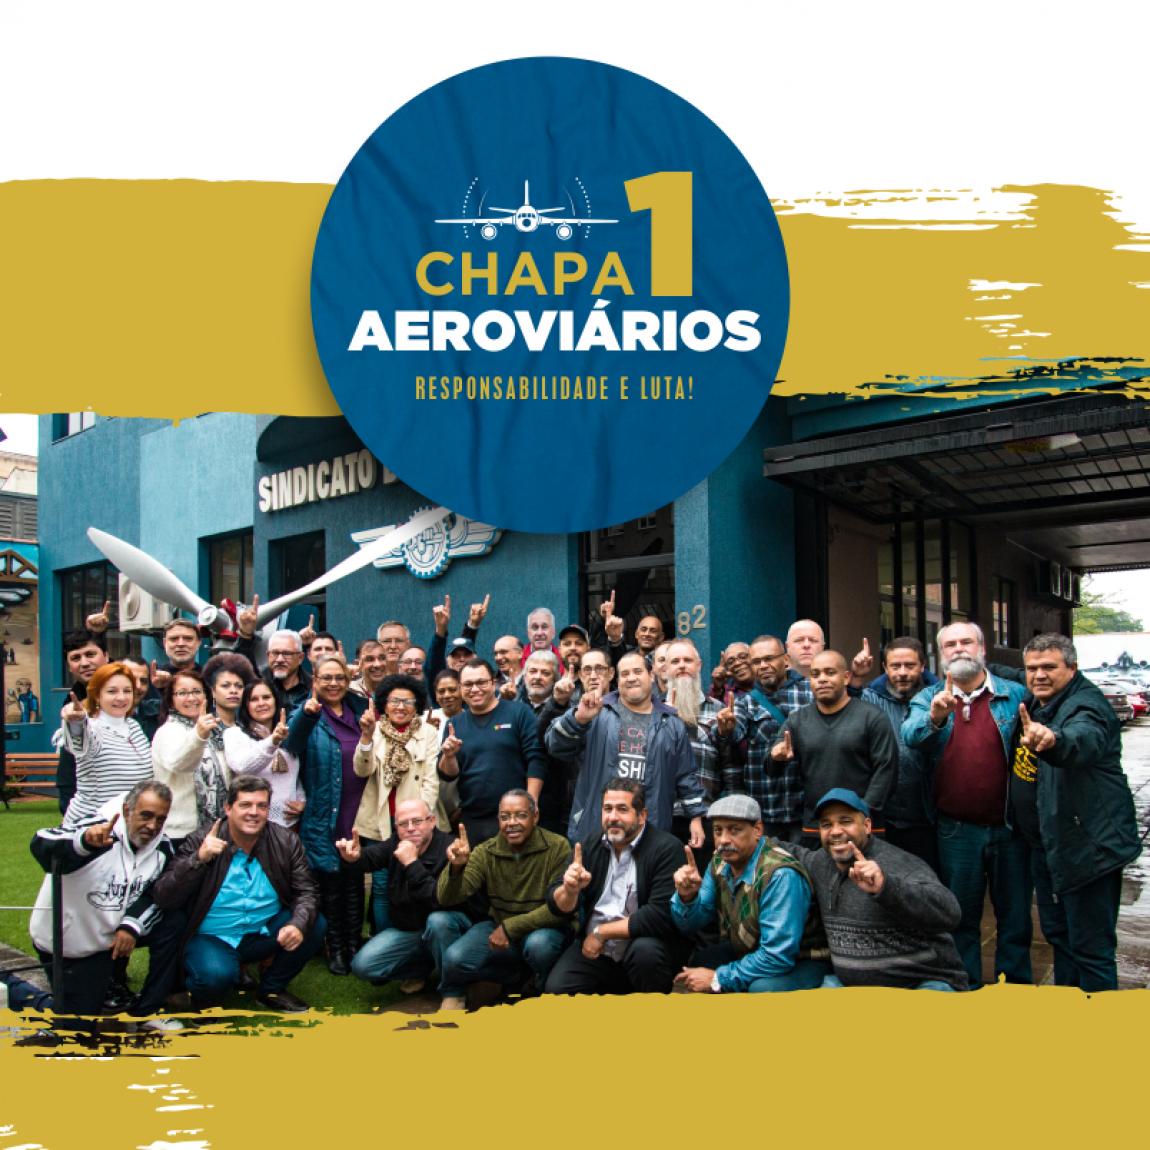 """Imagem de CNTTL apoia Chapa 1 """"Responsabilidade e Luta"""" dos Aeroviários de Porto Alegre"""